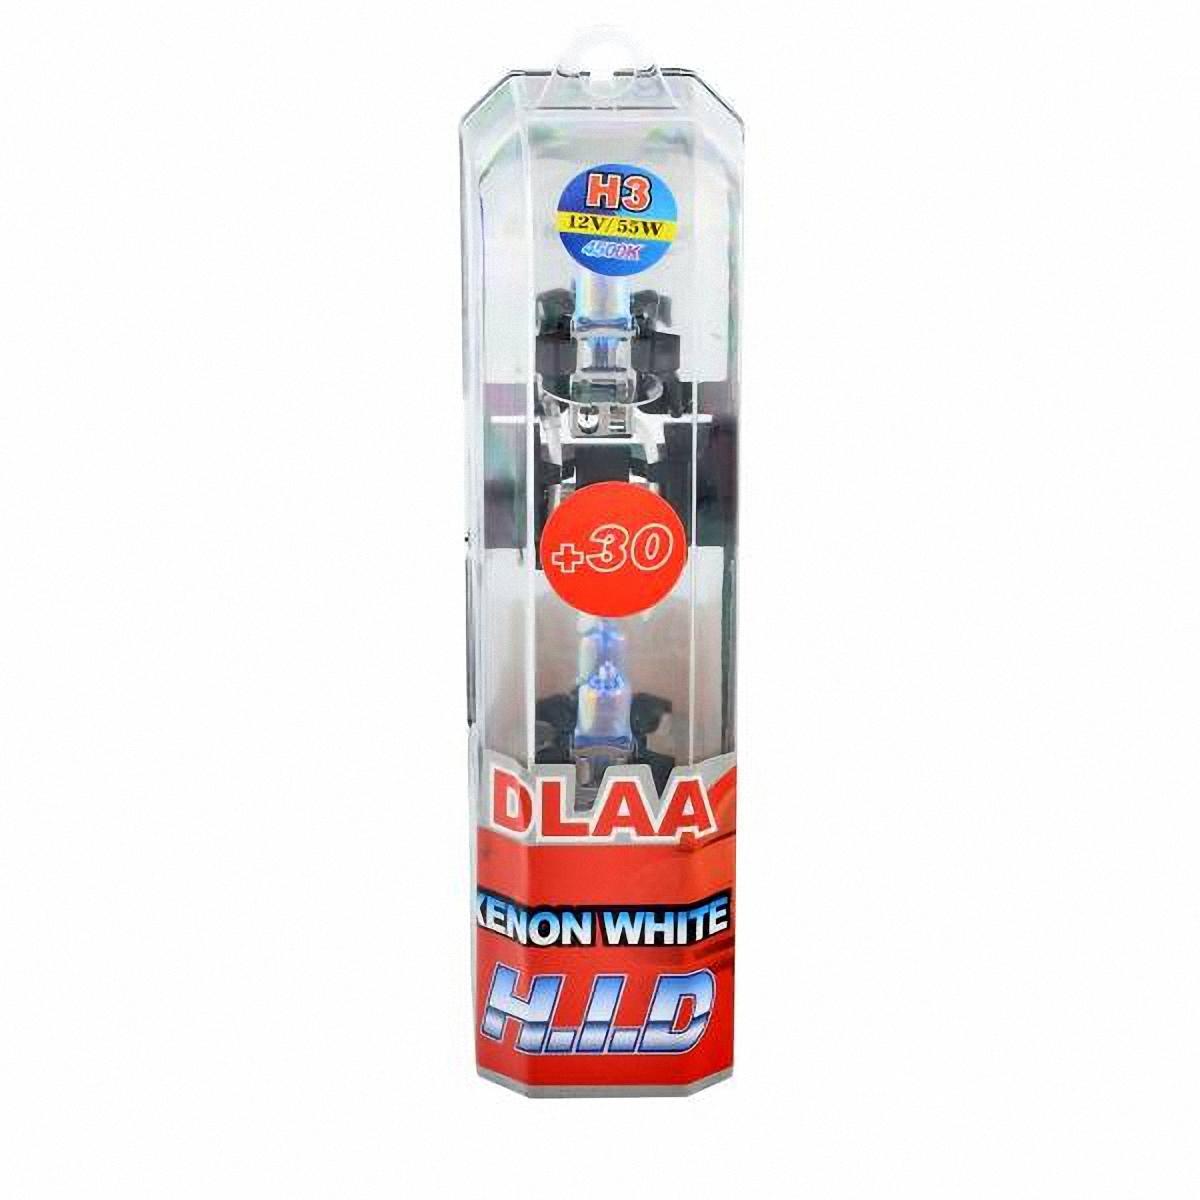 Автолампа галогеновая Skyway H3. Xenon White+30. 2 шт. H3-12V55W-P BH3-12V55W-P BГалогеновые лампы Xenon White+30 представляют собой очень яркие лампы, имитирующие свет ксенона. Достигается это за счет специального напыления на газонаполненные лампы, а точнее на колбы, в которые под высоким давлением закачан газ.Данные галогеновые лампы не создают неудобств водителям встречныхавтотранспортных средств, не превышают допустимую нагрузку на бортовую сеть автомобиля, безопасны и долговечны и отвечают всем без исключения стандартам качества.Температура света: 4500.